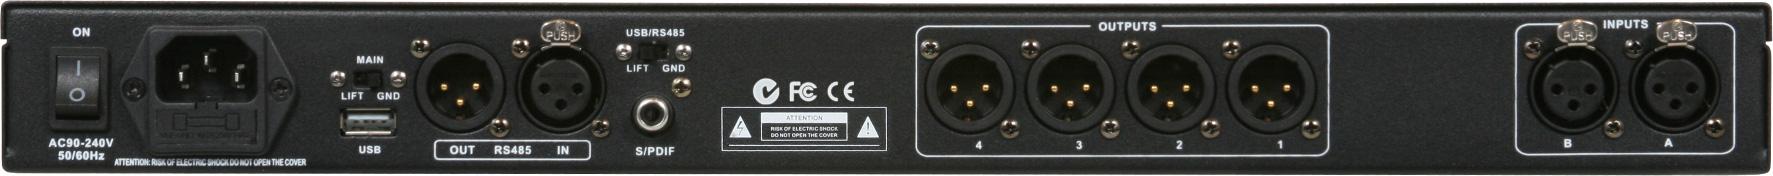 DSPOT 2x4 Digital Signal Processor